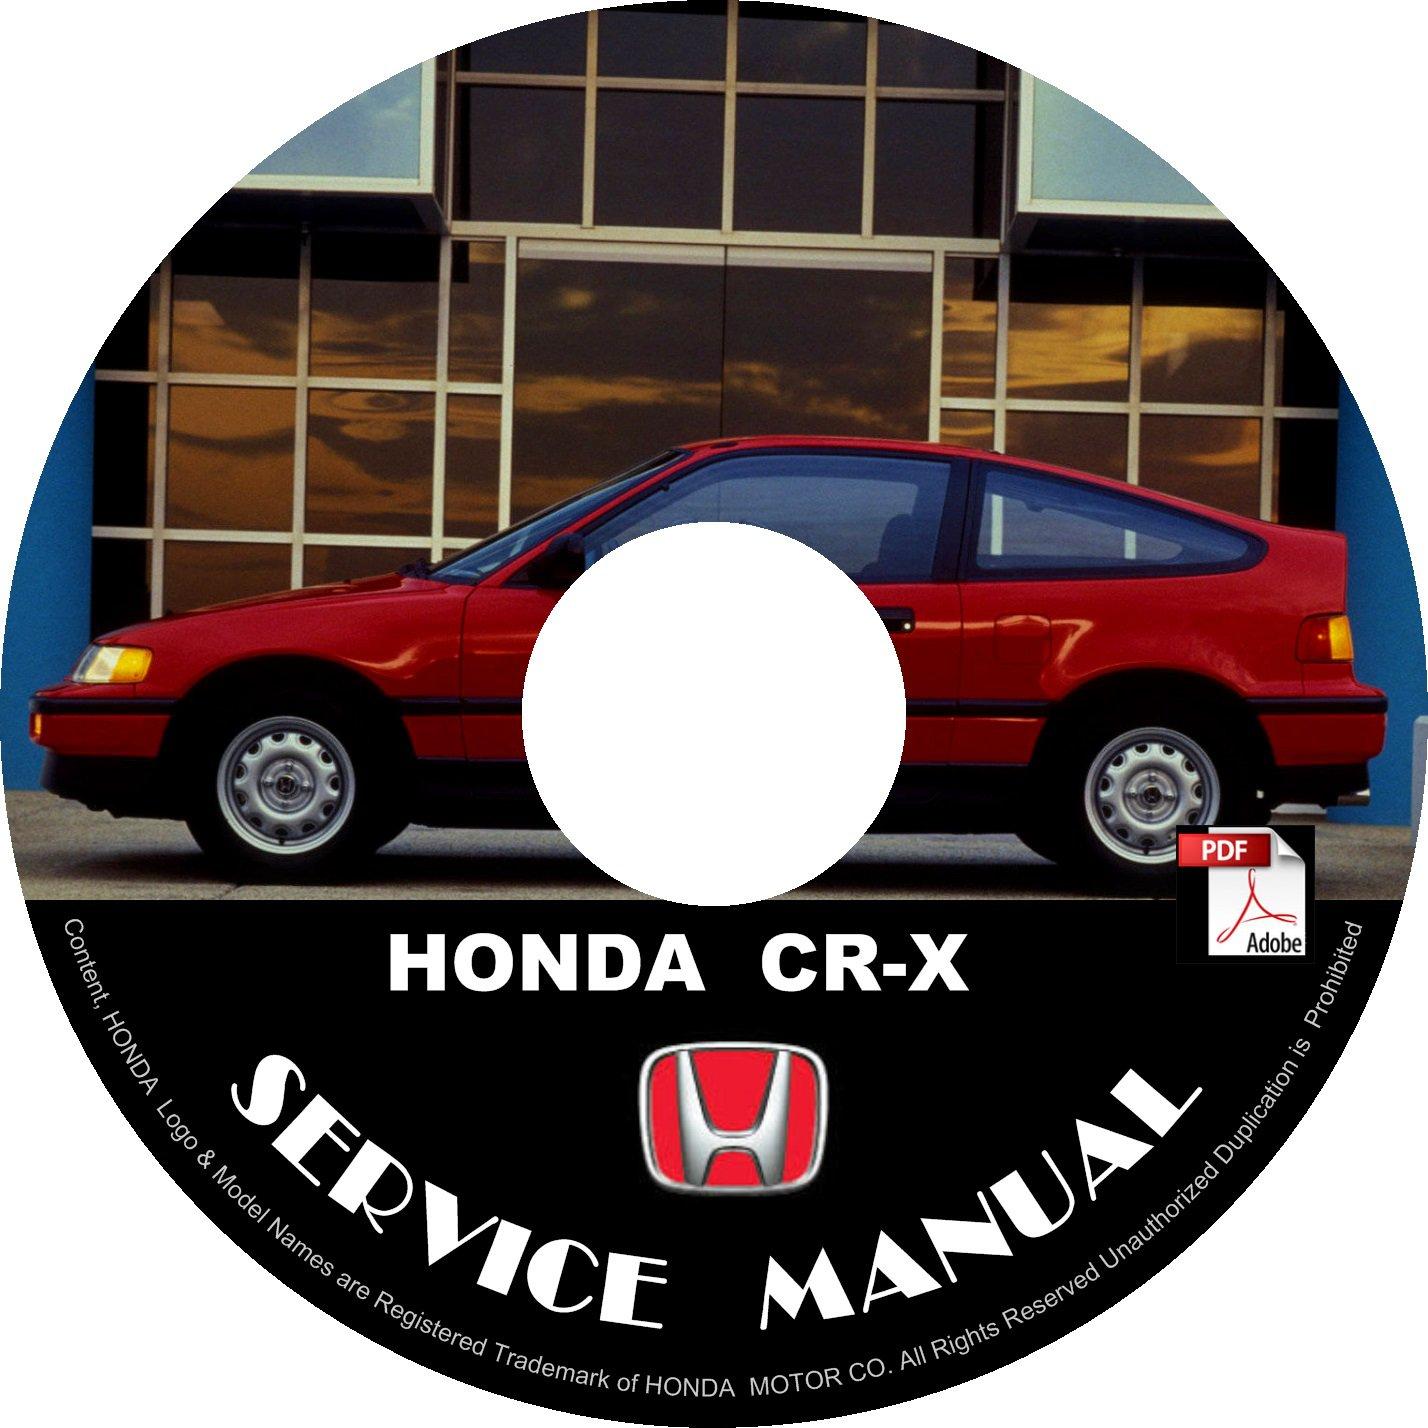 1989 Honda CRX CR-X Factory Service Repair Shop Manual on CD Fix Repair Rebuilt 89 Workshop Guide